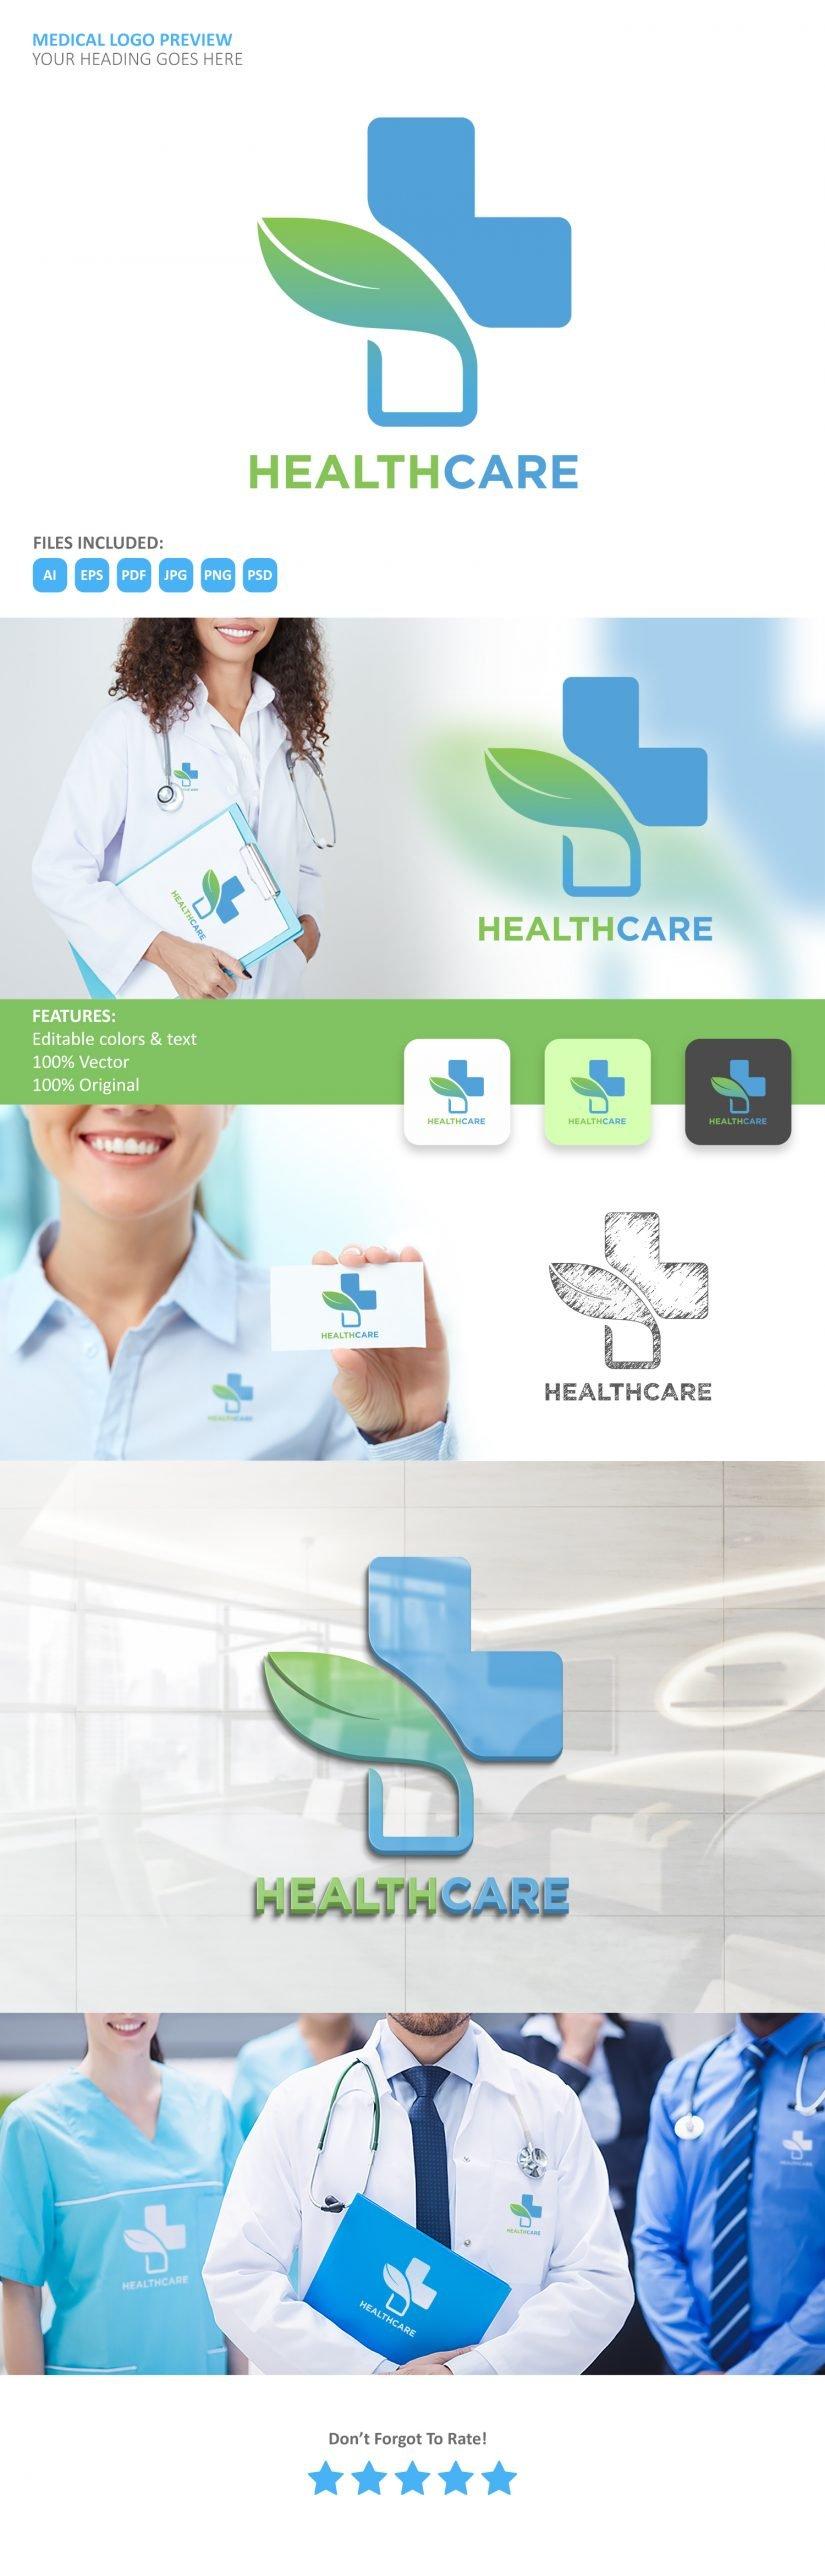 Free Medical Logo Thumbnail Generator